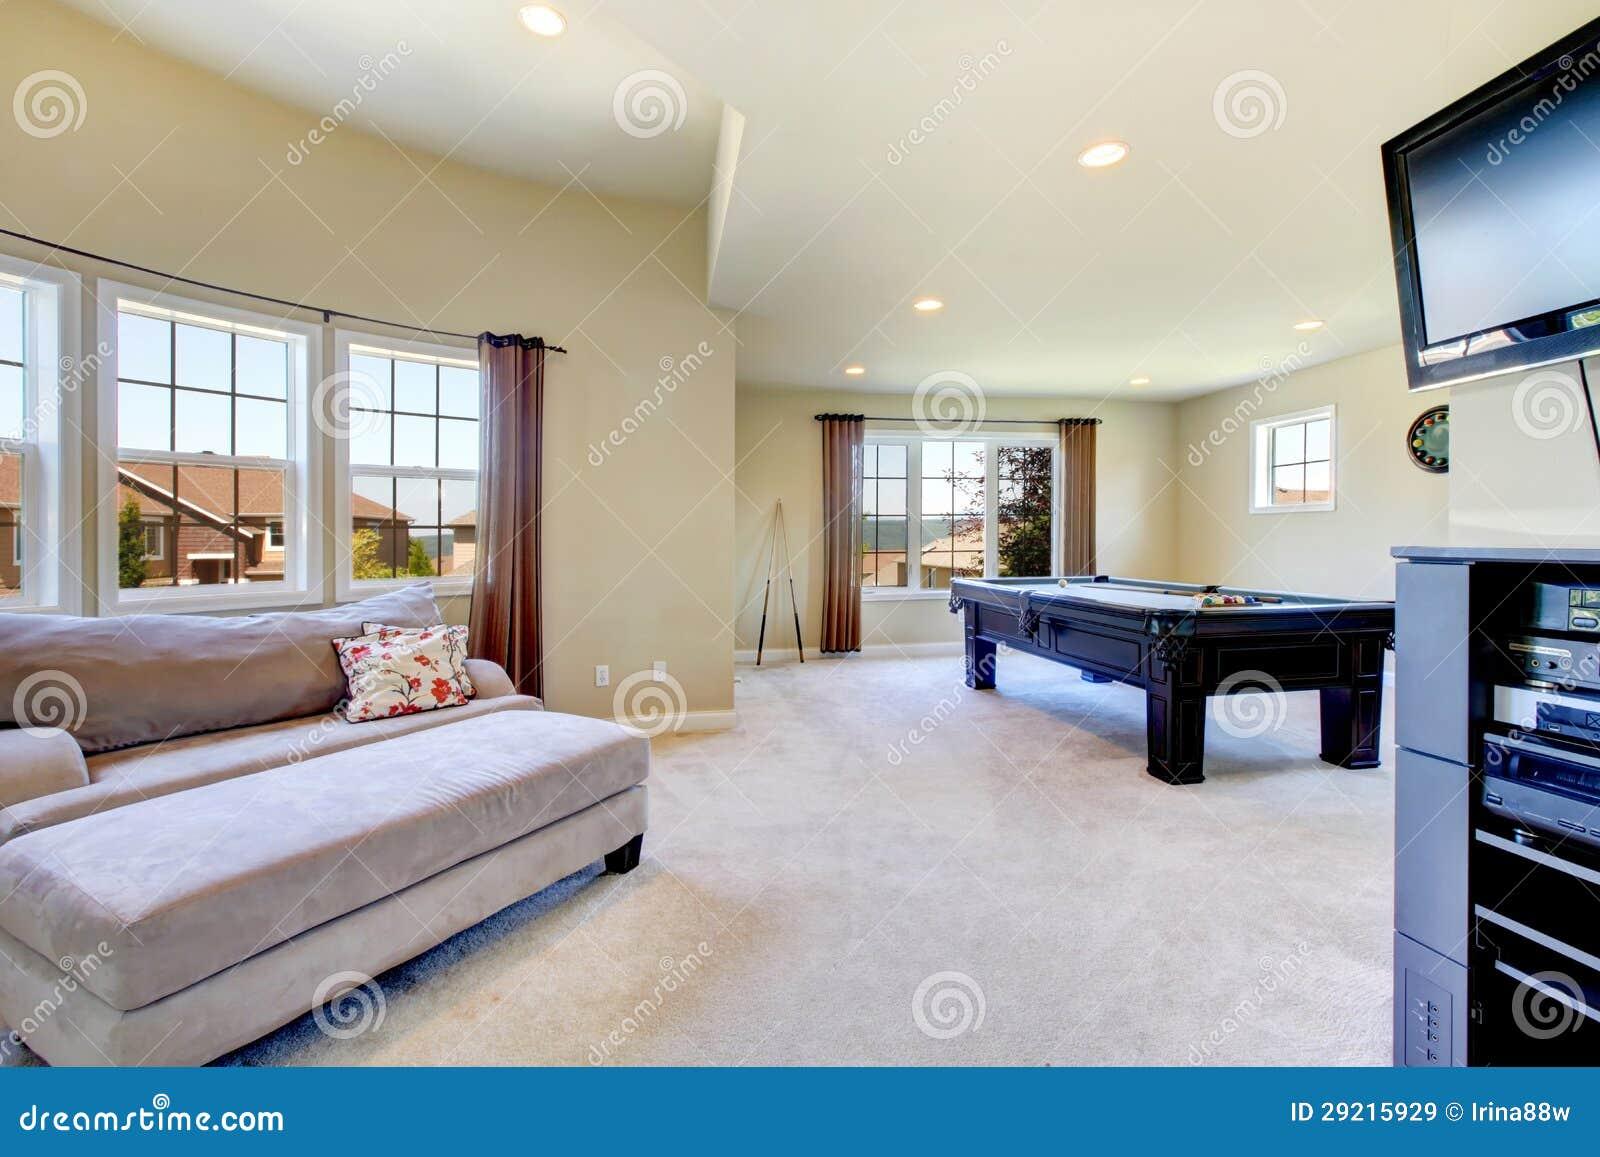 Grande Chambre Familiale Avec La Table De Billard Et La Tv Image  # Table Pour La Television